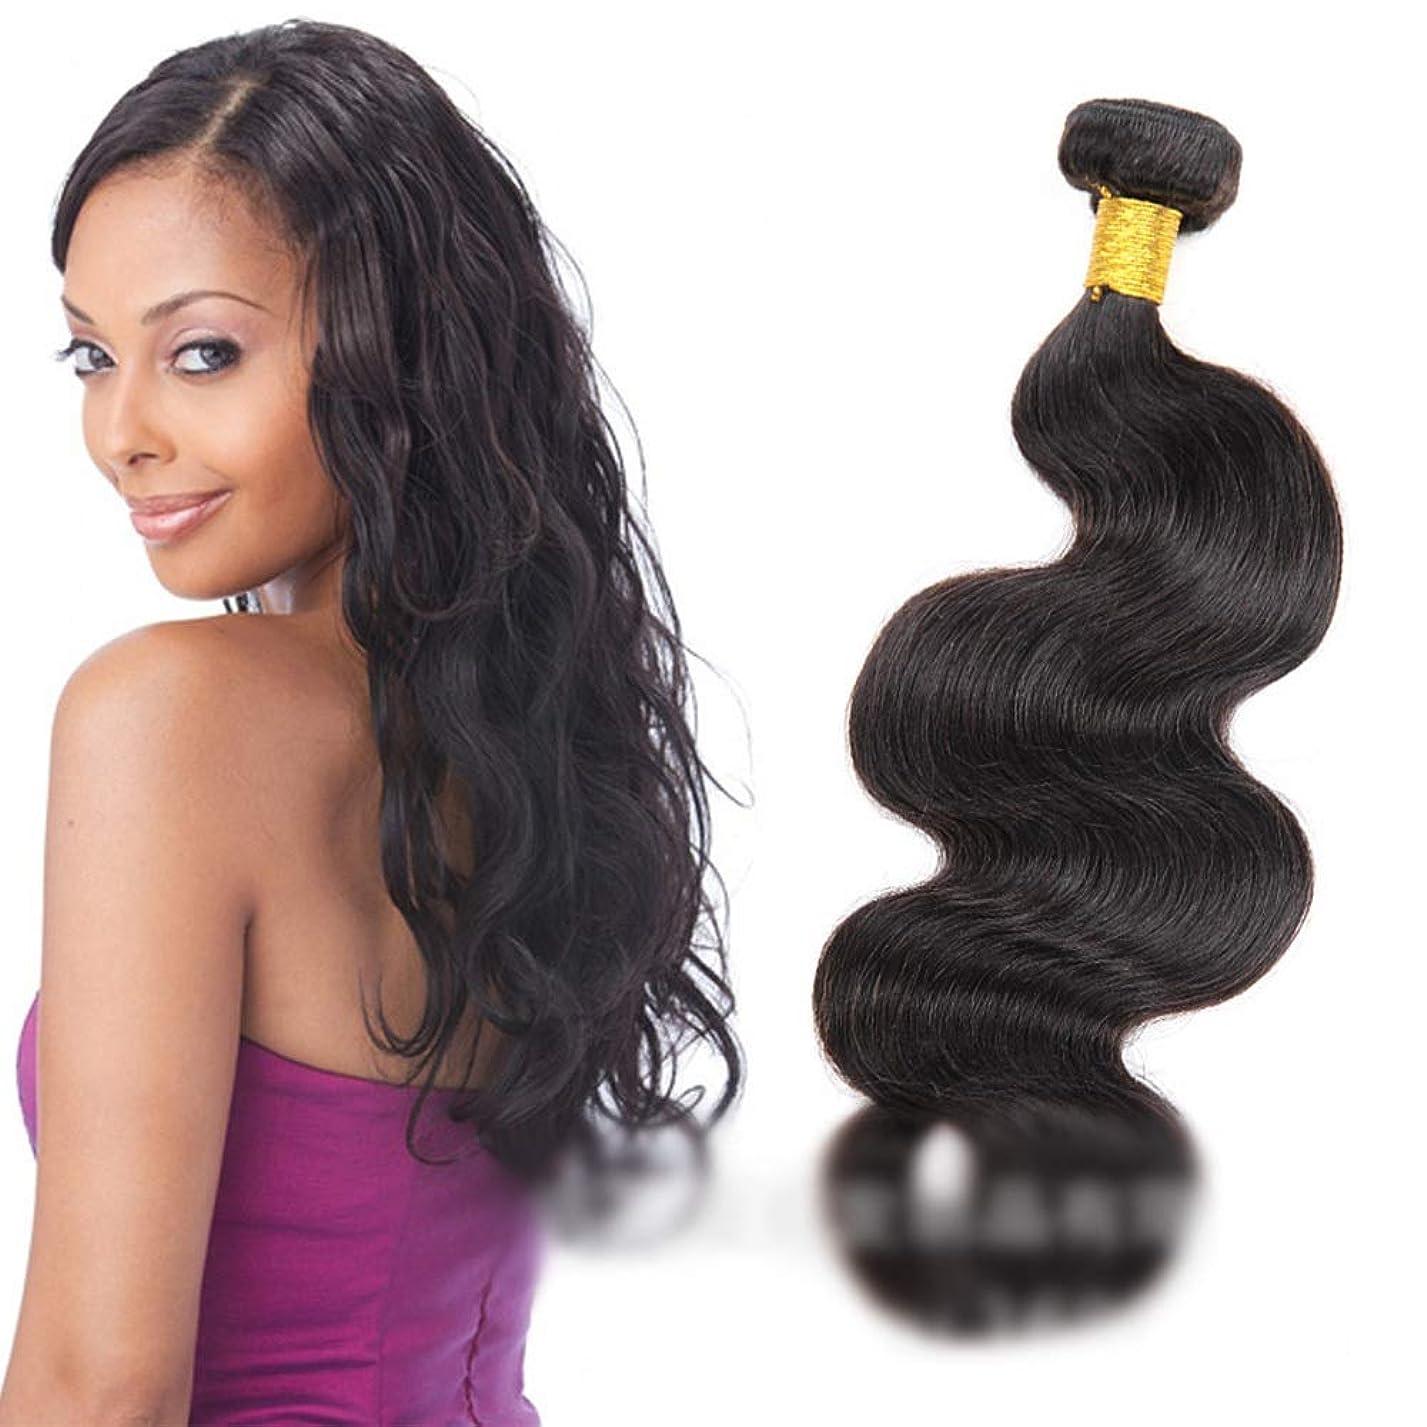 成長する帰するコロニアルHOHYLLYA 人間の髪織りバンドルナチュラルヘアエクステンション横糸 - ボディウェーブ - ナチュラルブラックカラー(1バンドル、100g)ロングカーリーウィッグ (色 : 黒, サイズ : 30 inch)